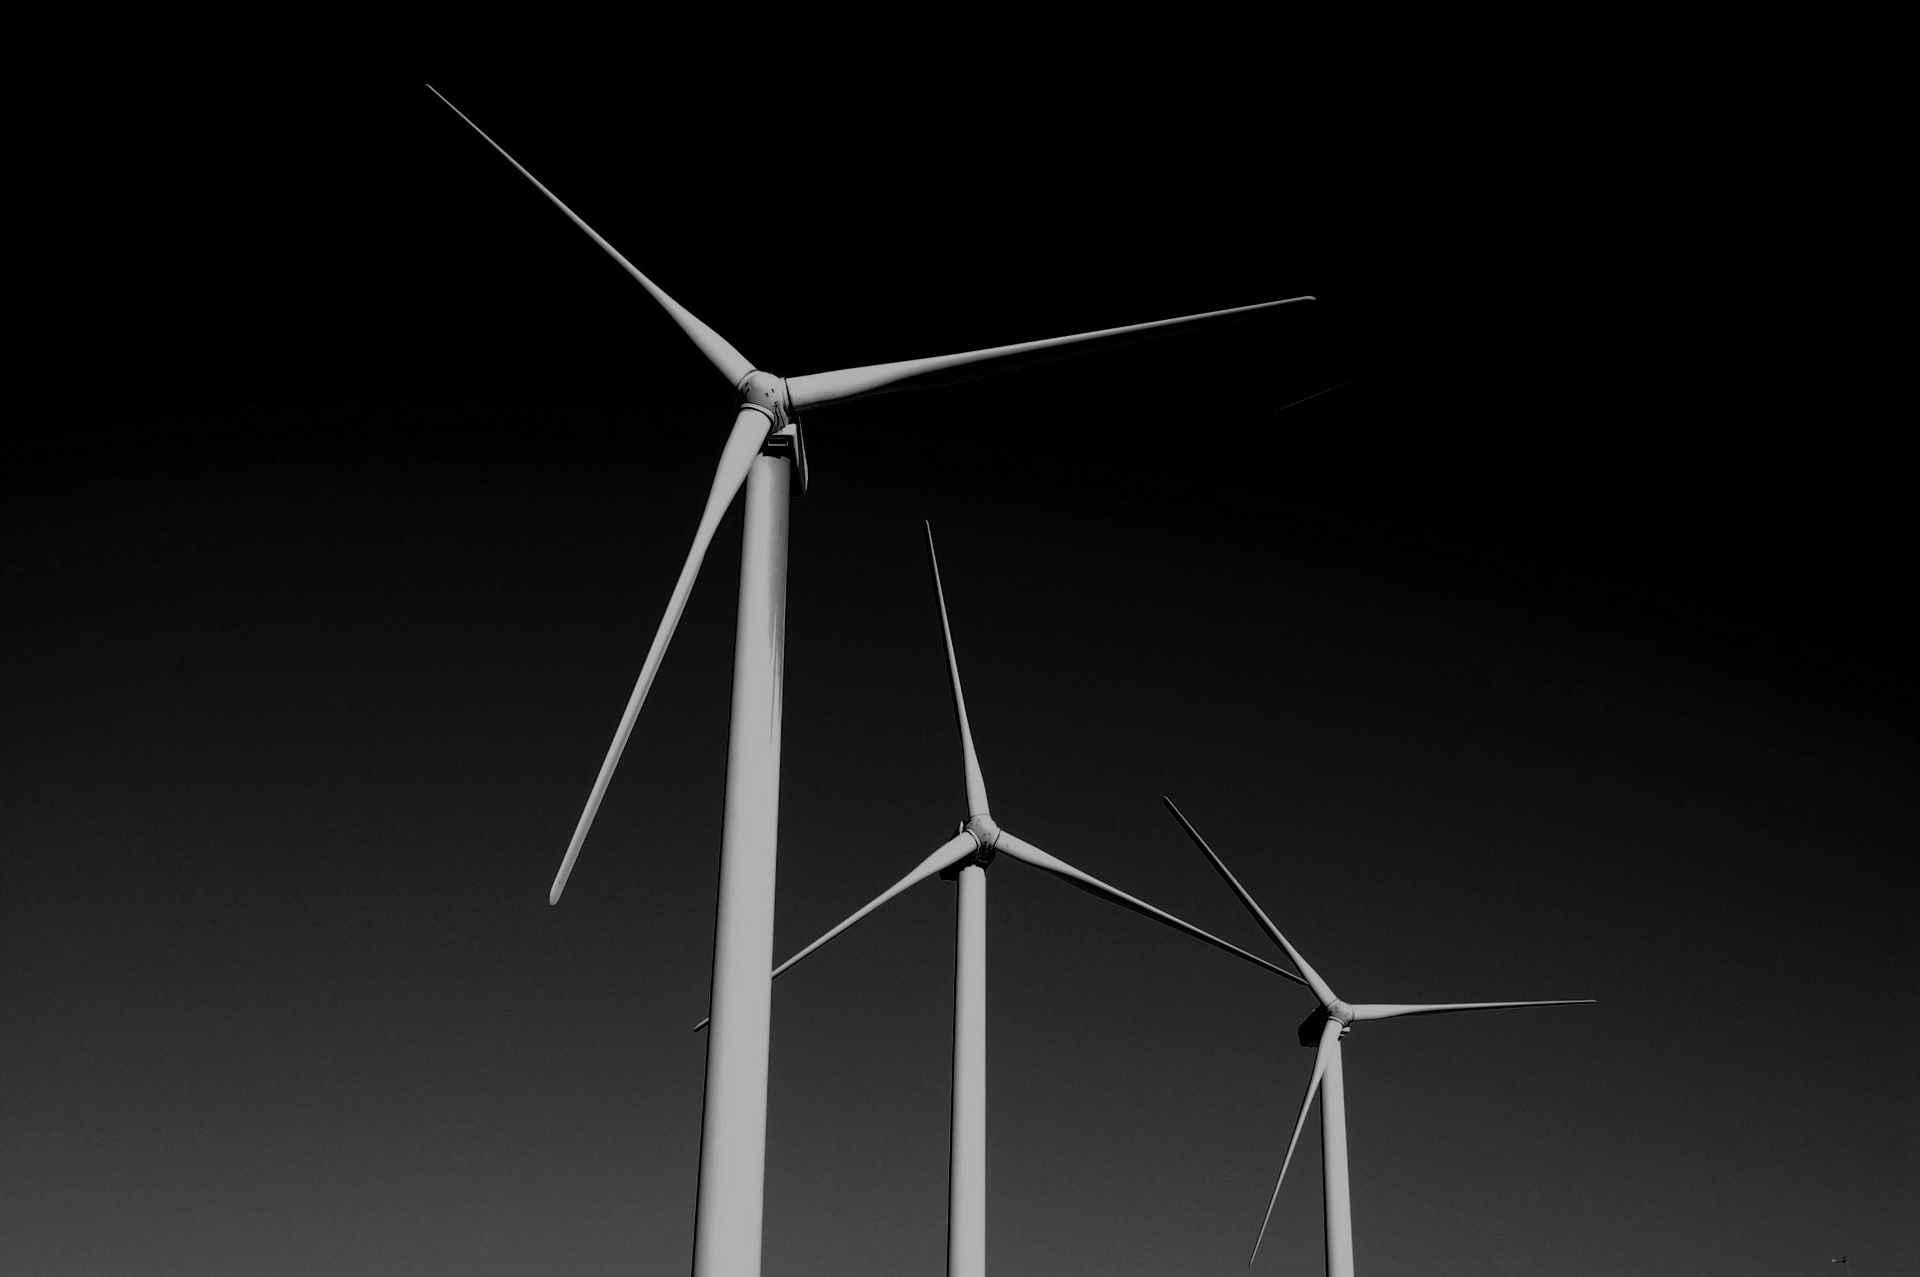 Windenergie Windkraft Anlage